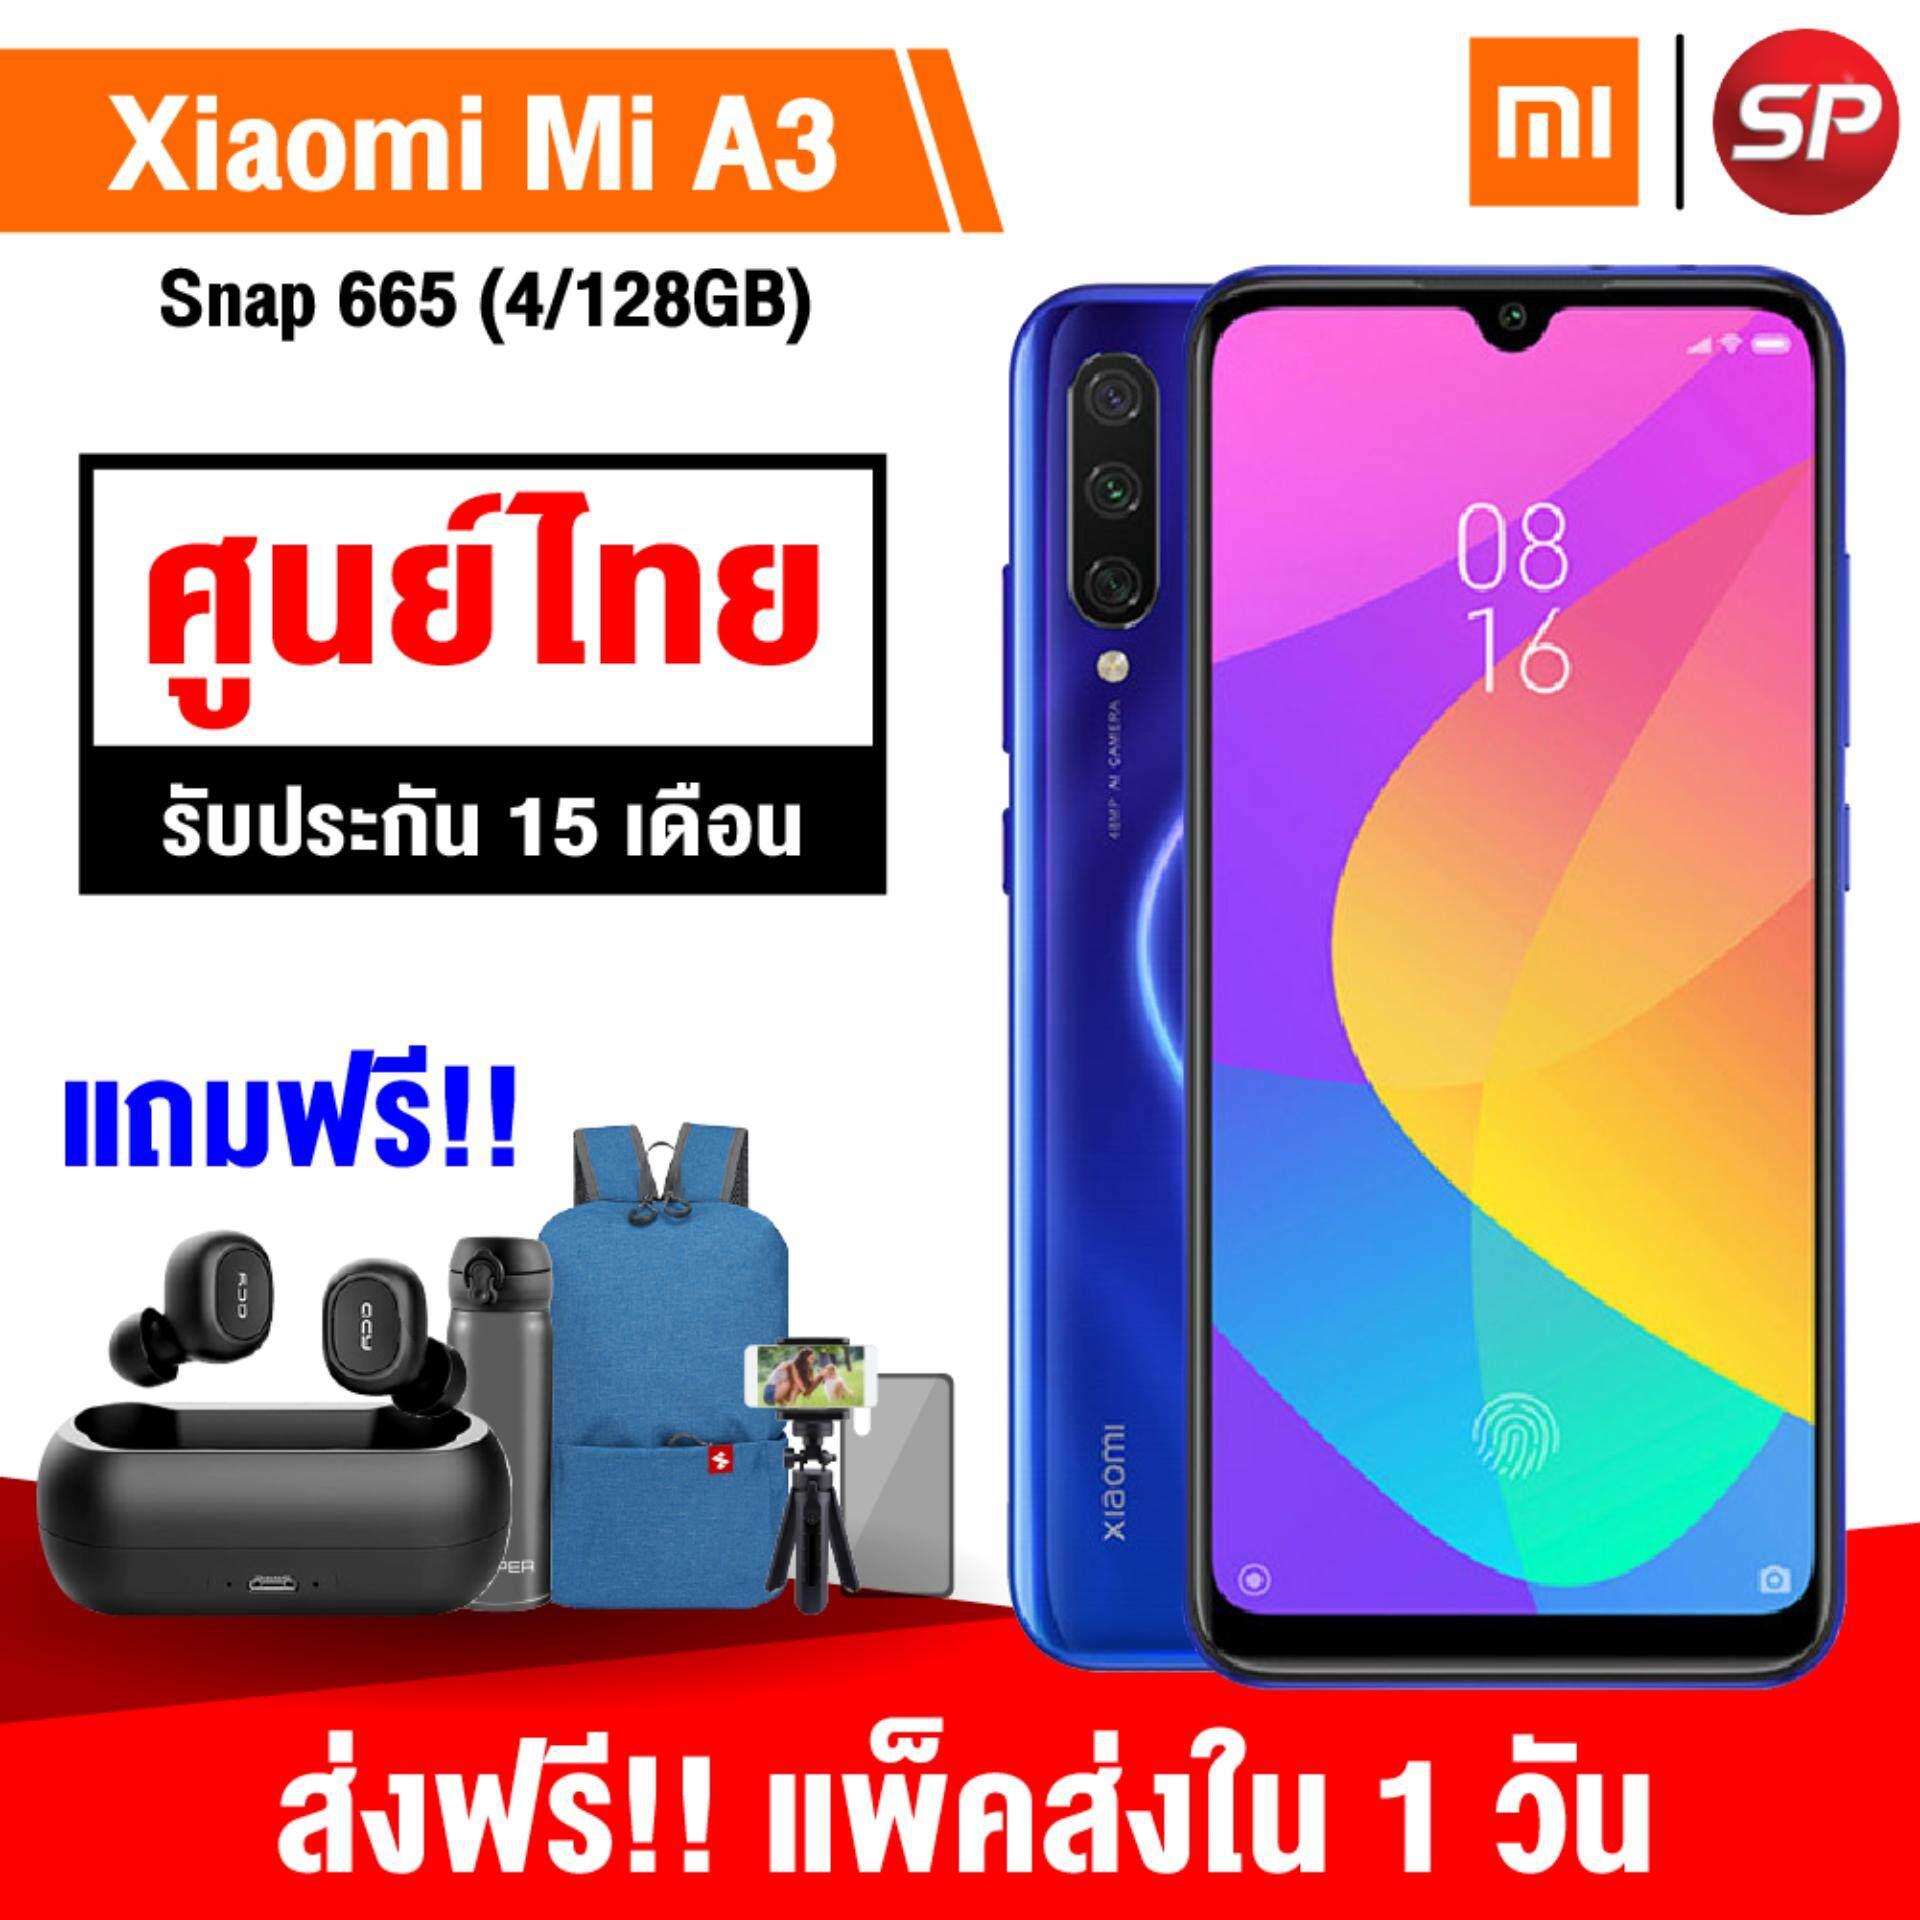 ยี่ห้อไหนดี  หนองคาย 【กดติดตามร้านรับส่วนลดเพิ่ม 3%】【รับประกันศูนย์ไทย 15 เดือน】【ของแถมชุดใหญ่】【ส่งฟรี!!】Xiaomi Mi A3 (4/128GB) แถมฟรี!! หูฟัง QCY T1 + กระเป๋า isuper Bag Pack (คละสี) + กระบอกน้ำ Stainless เก็บความเย็น + ขาตั้งกล้อง Tripod + มาพร้อมเคสในกล่อง